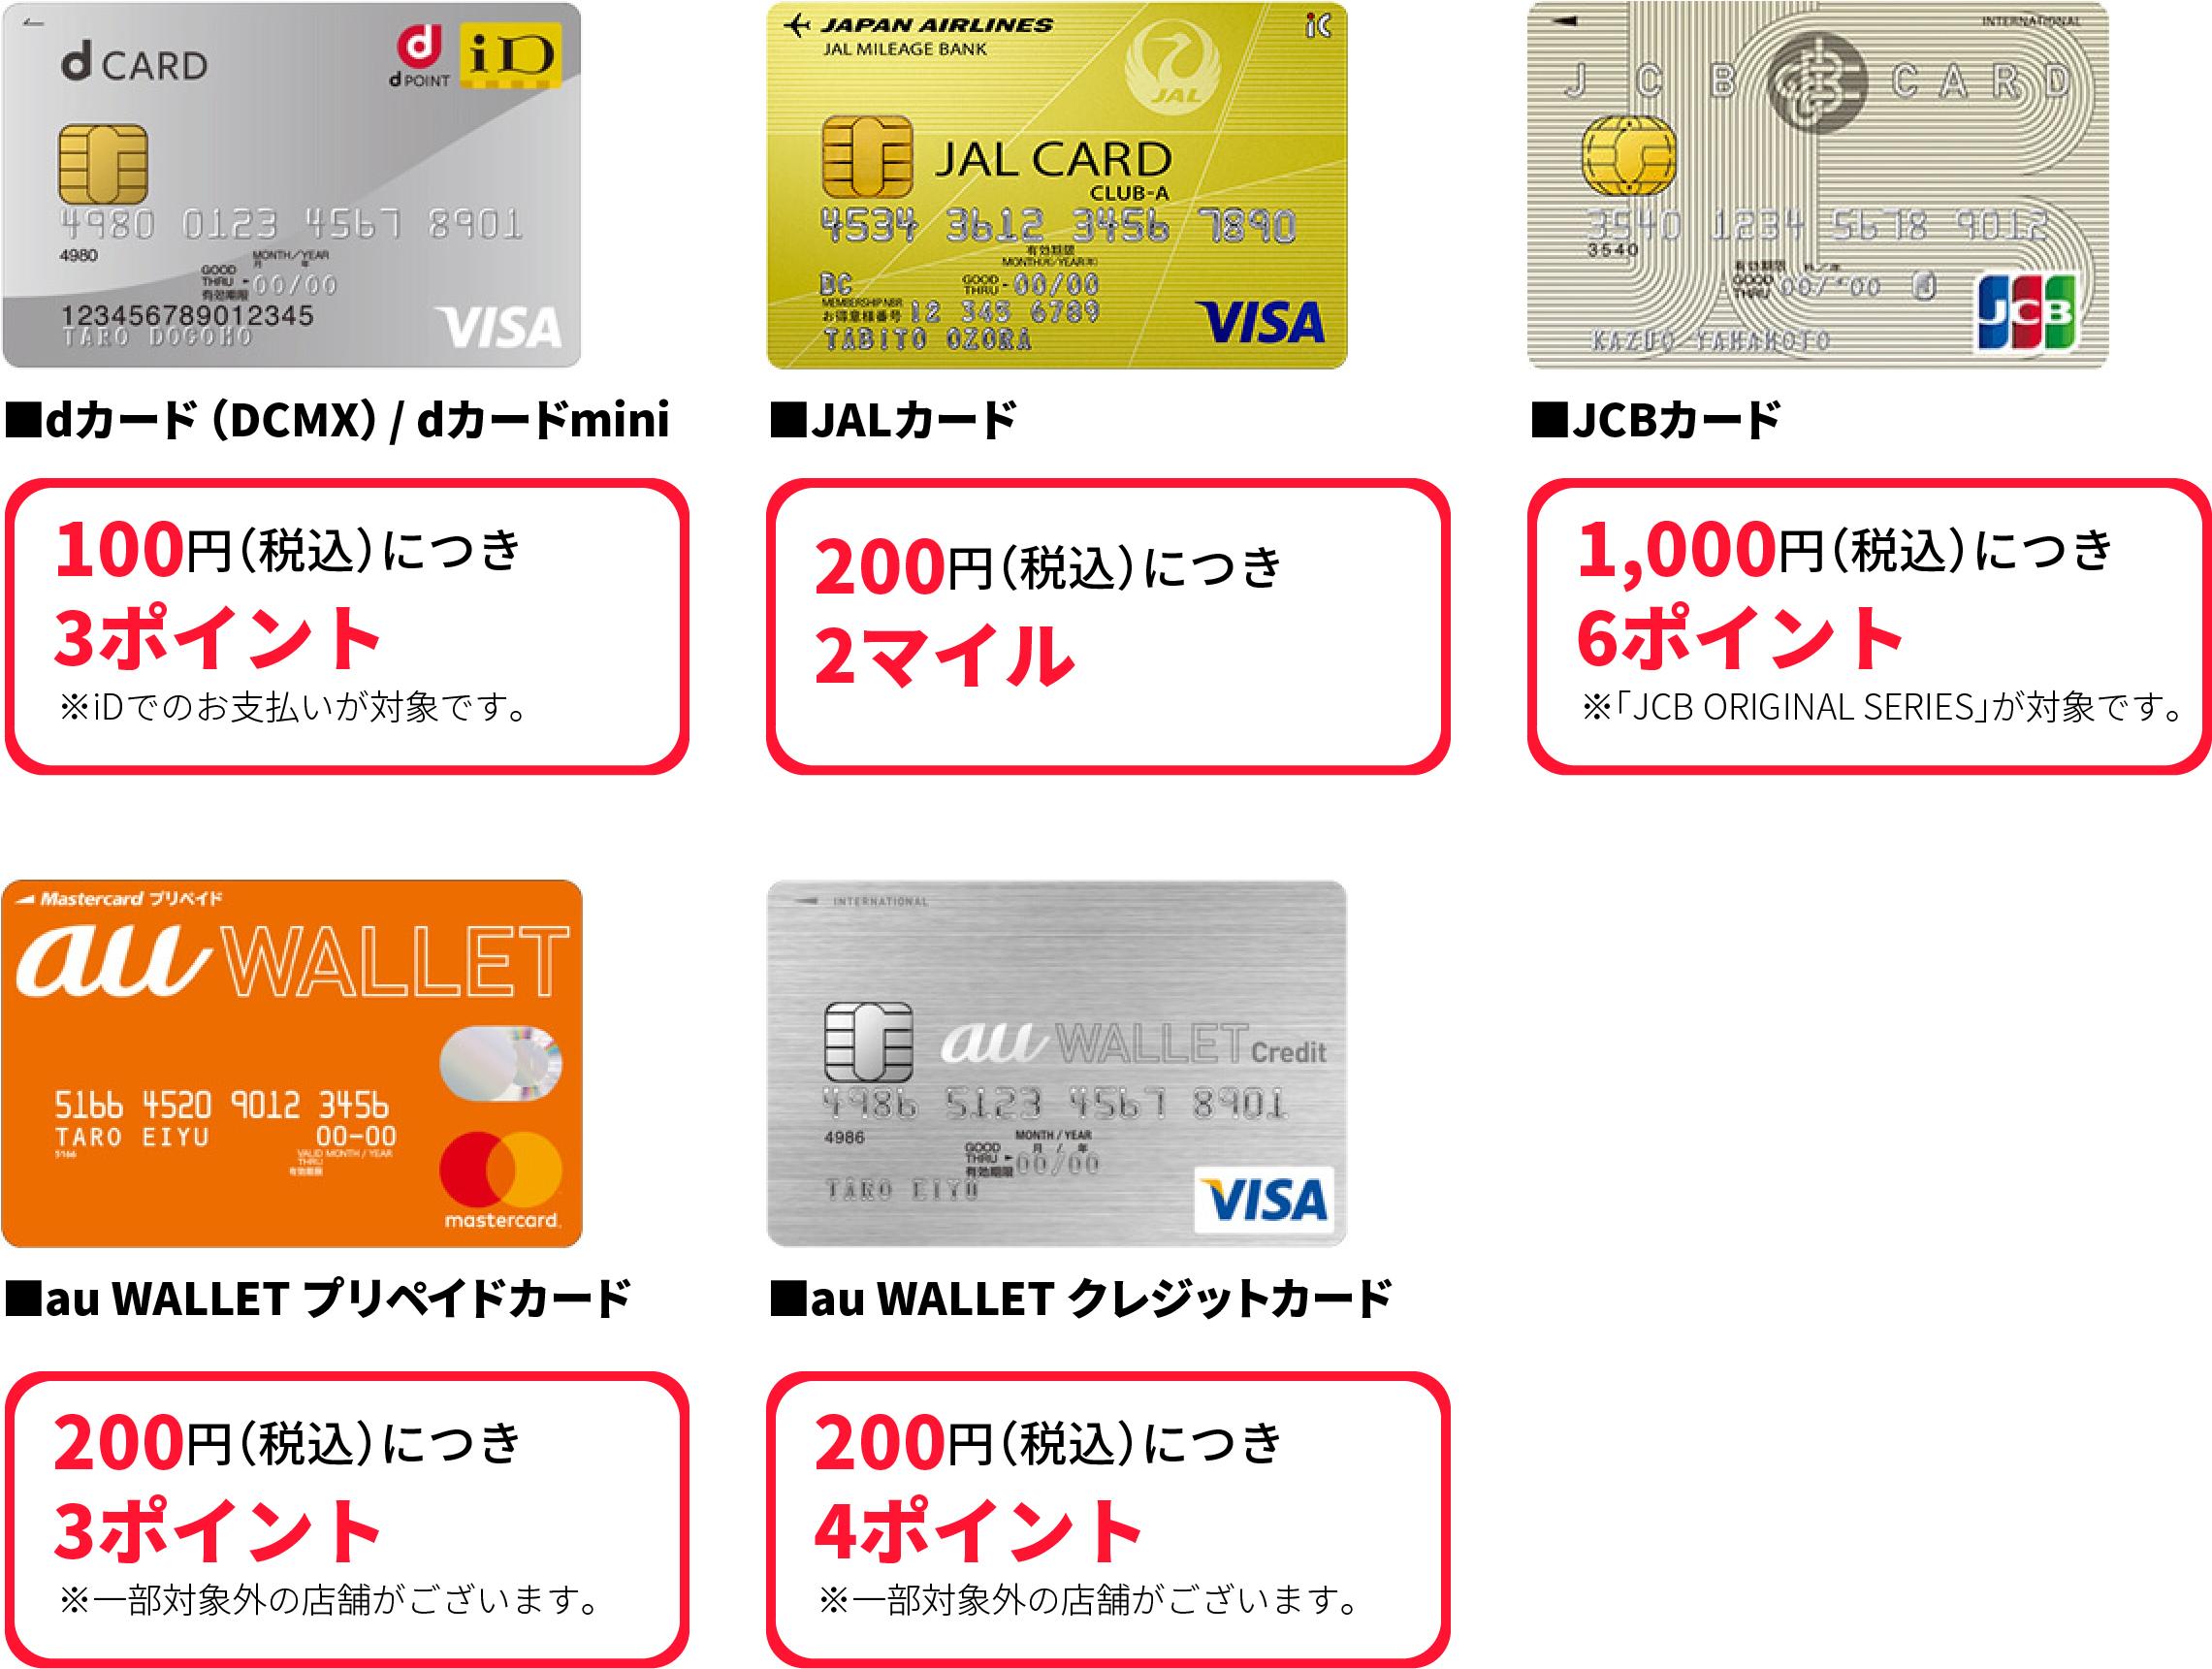 通常より多く貯まる対象カード